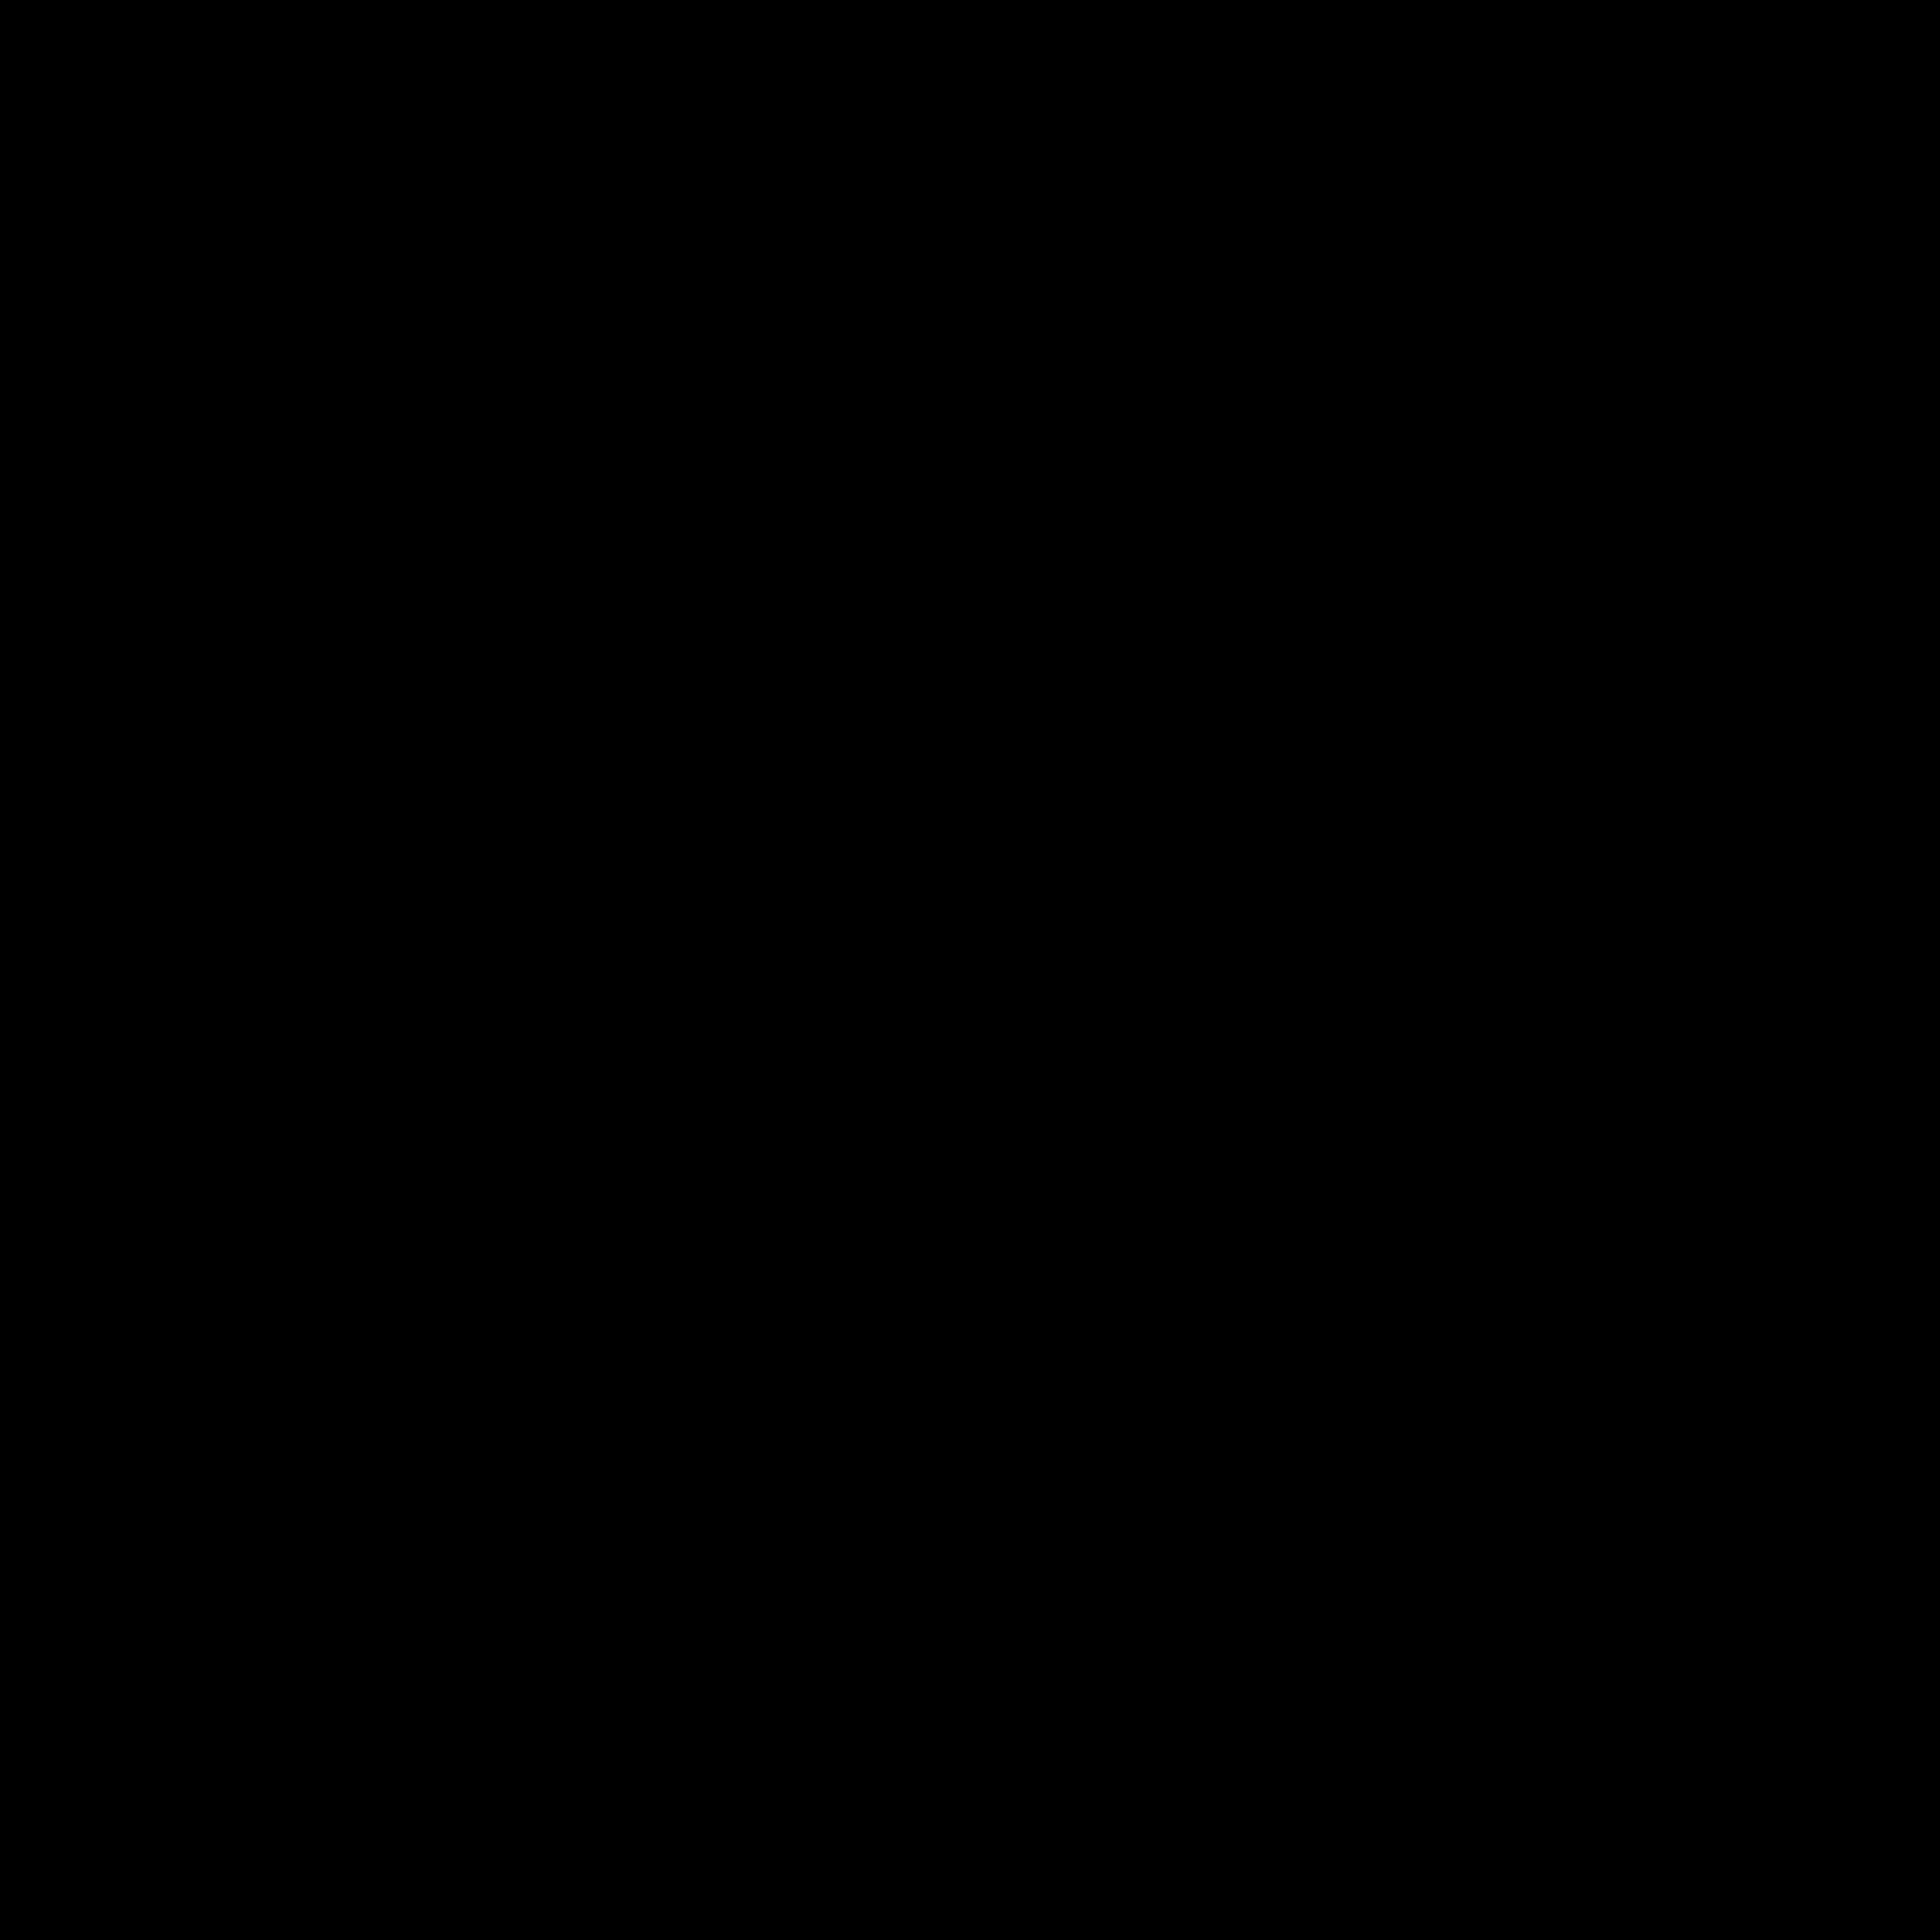 DIVVY_Logo_black-01.png